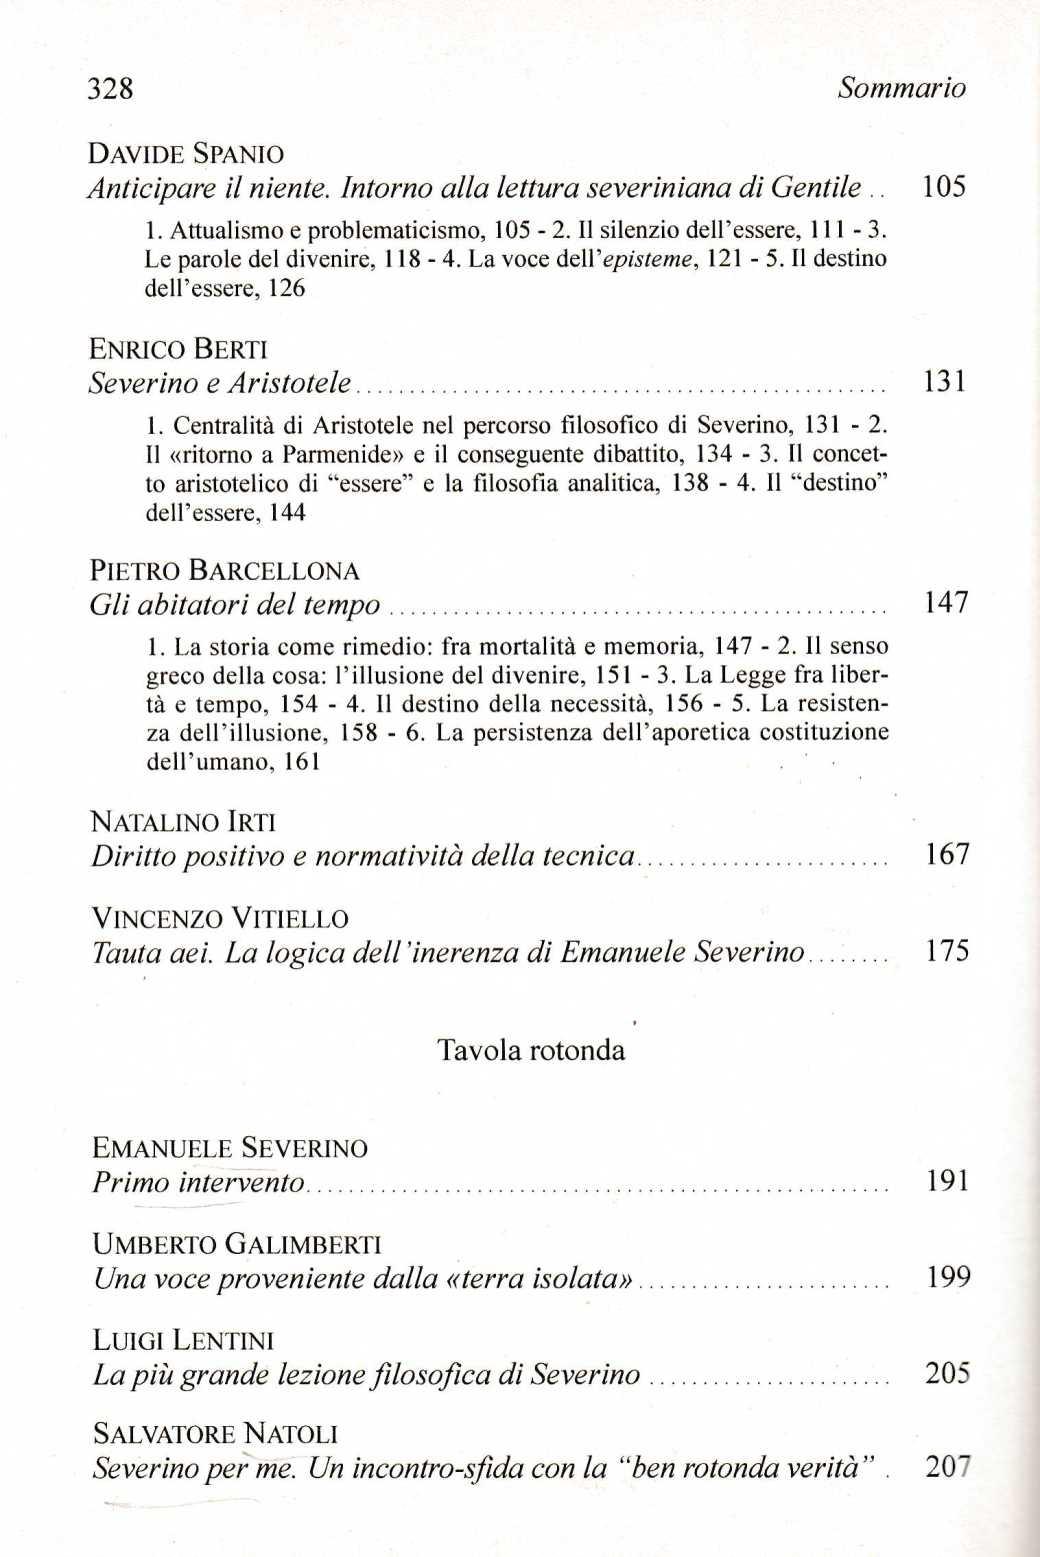 davide-spanio-29-30-maggio-20125147